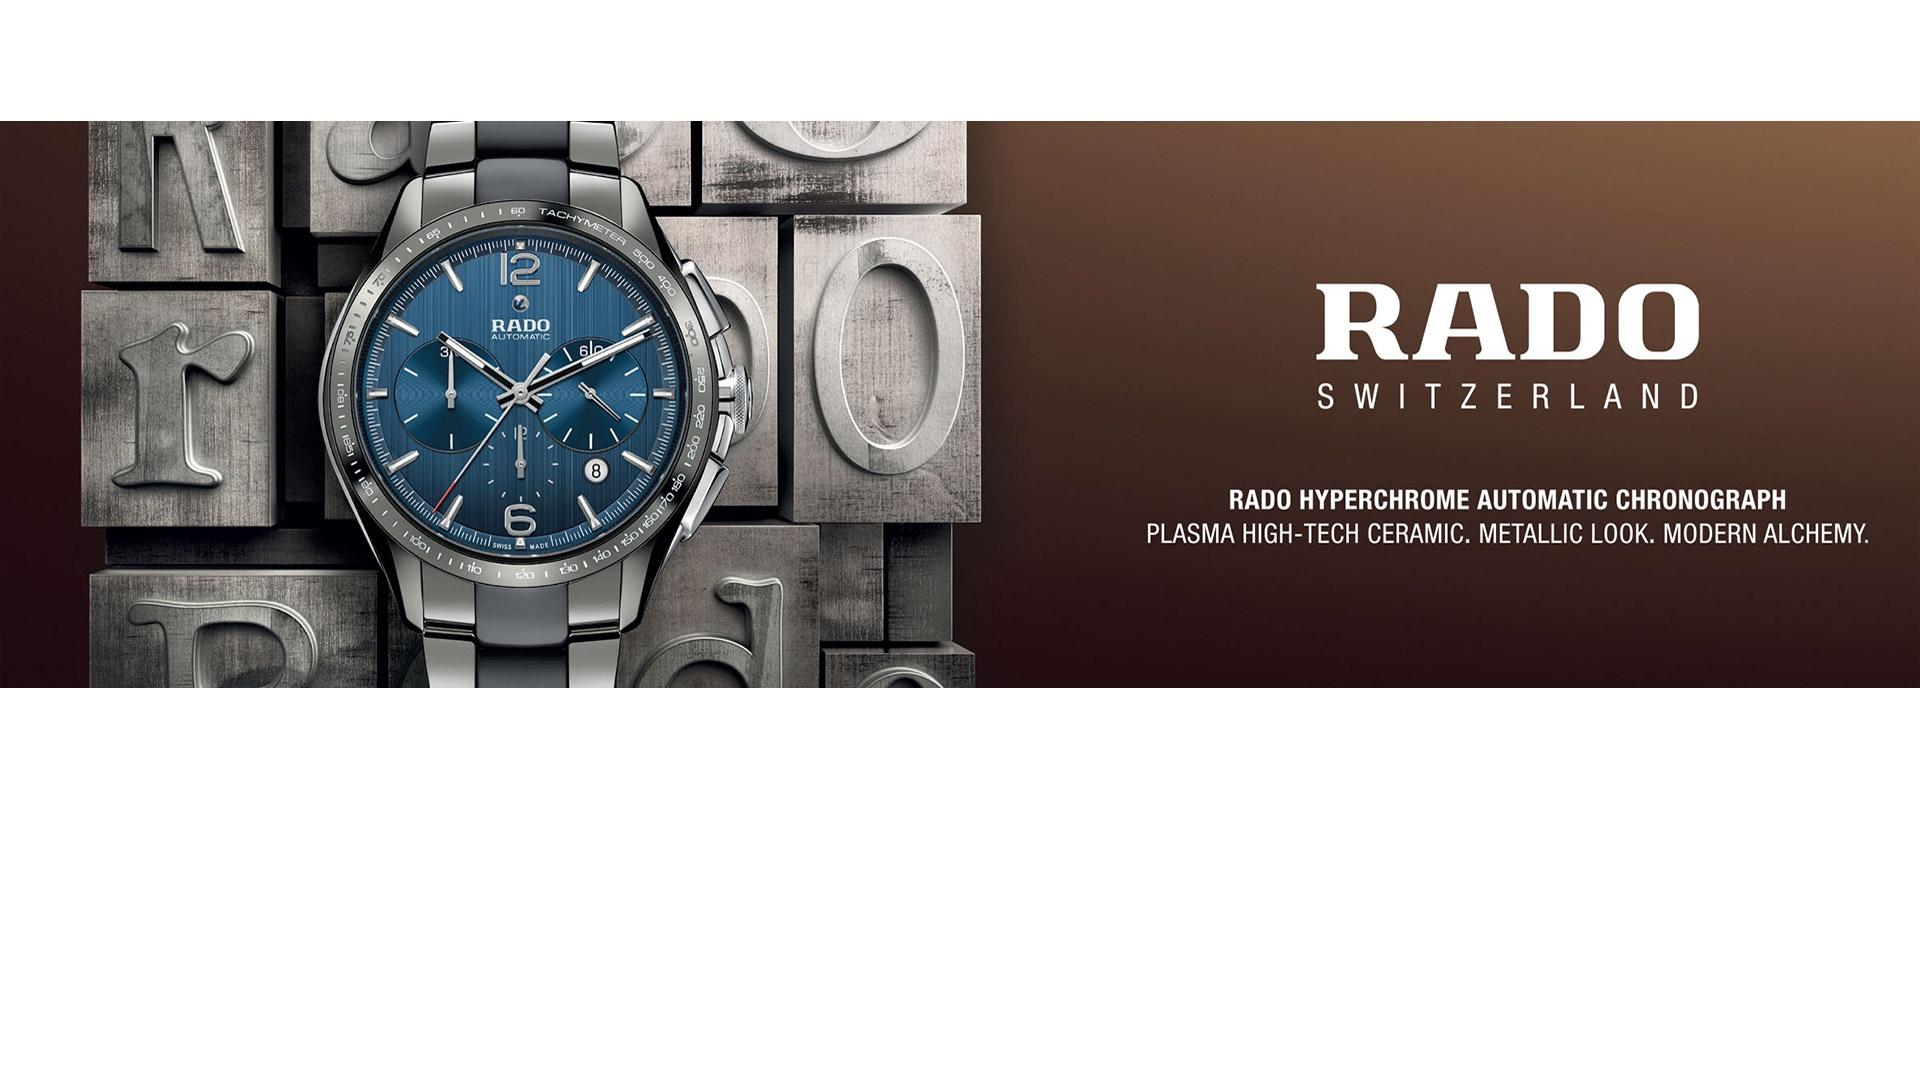 Uhren Luzern Rado Aerowatch Eterna Und Certina Uhren